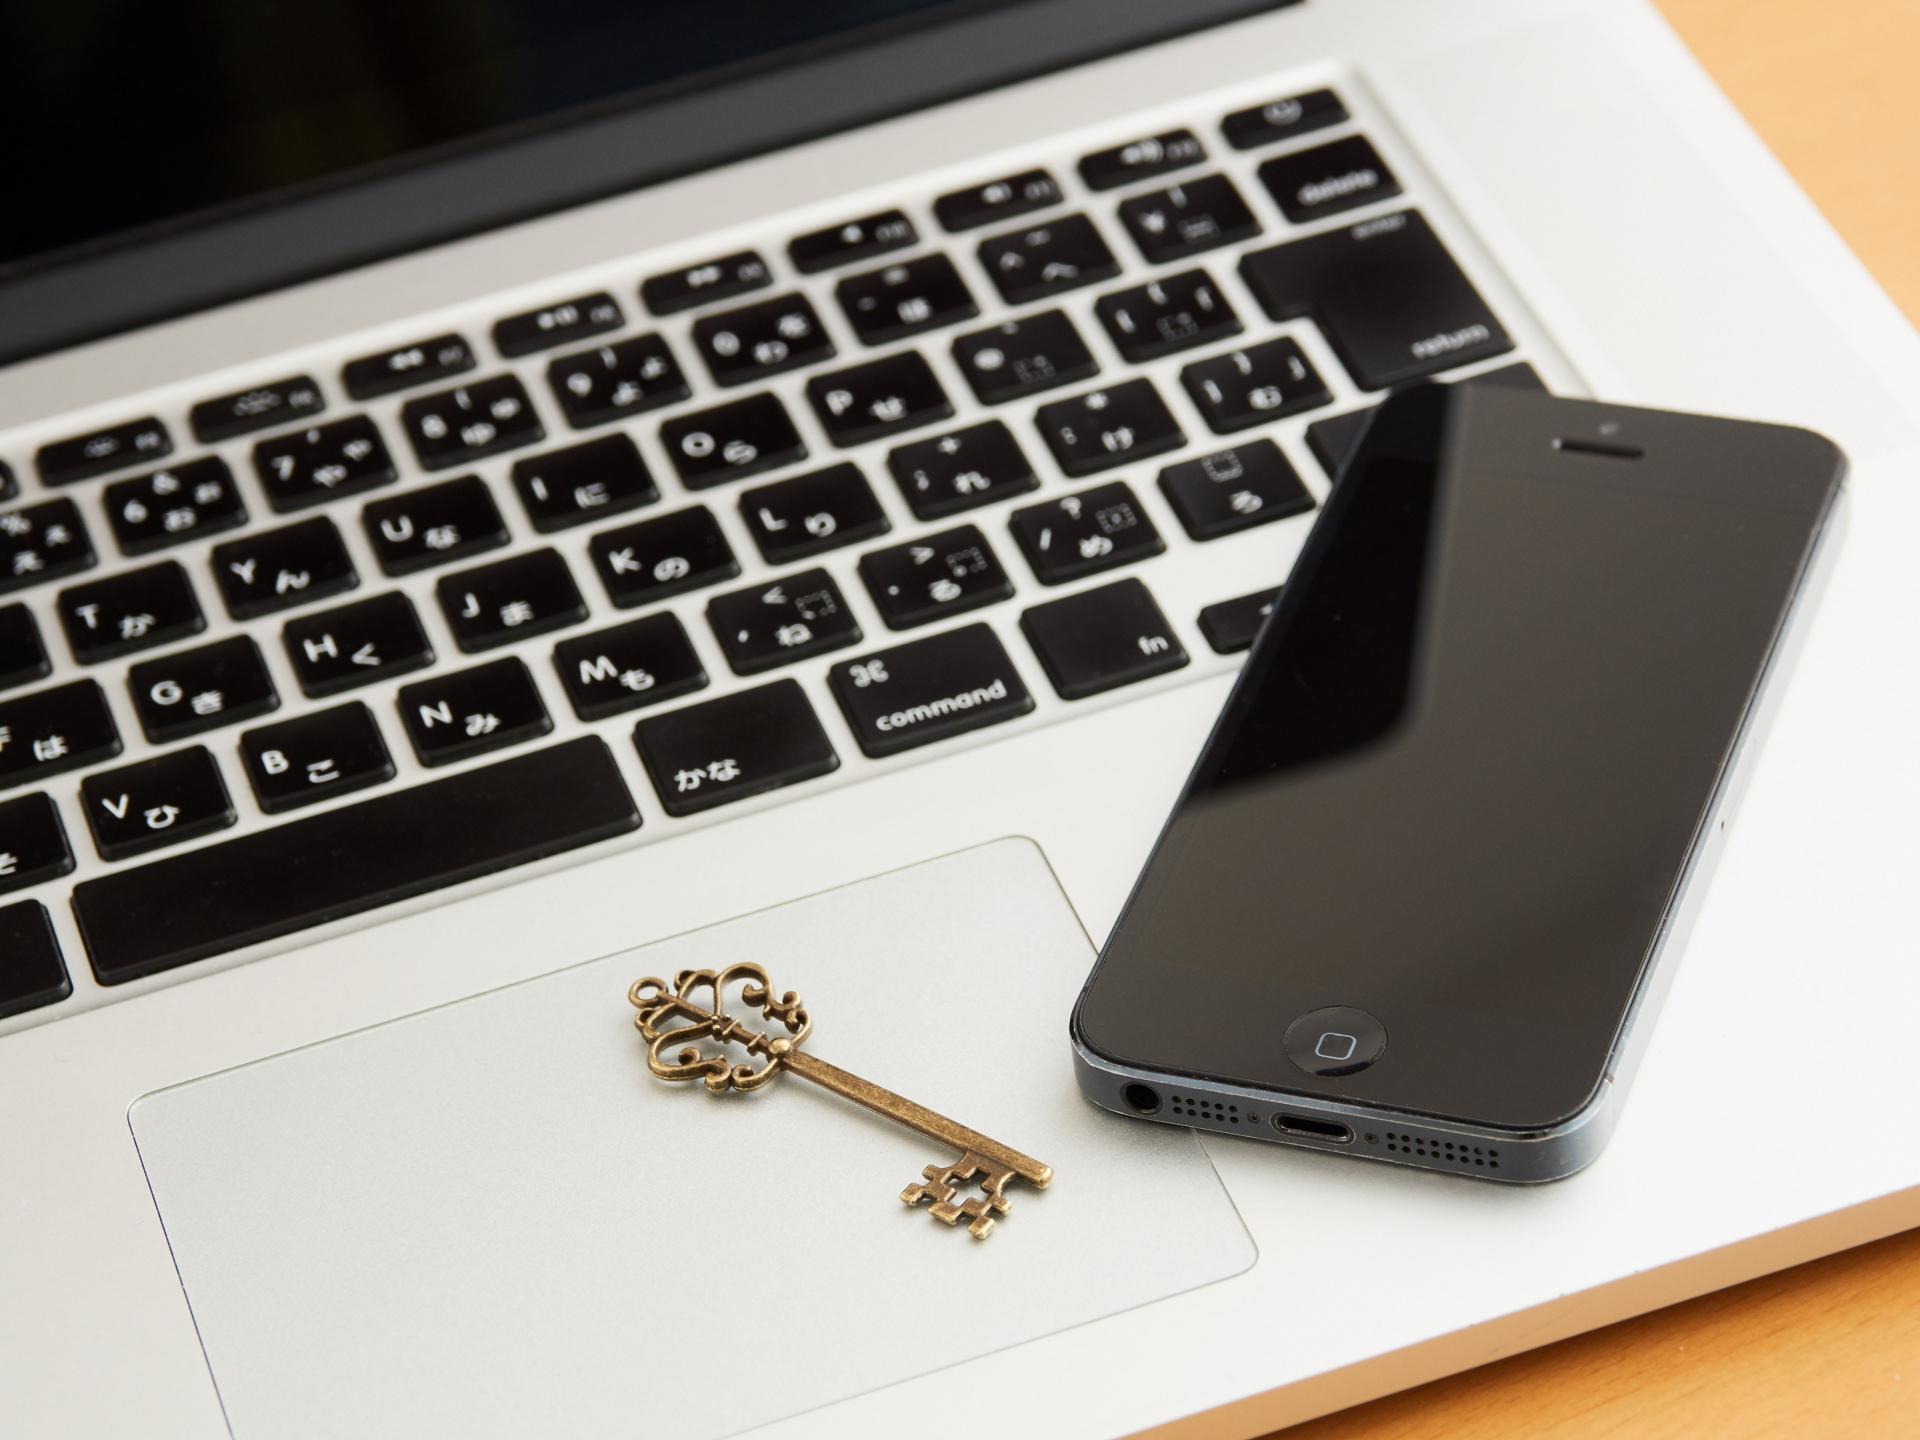 iPhoneを買って最初にするに必要なアクティベーションについて